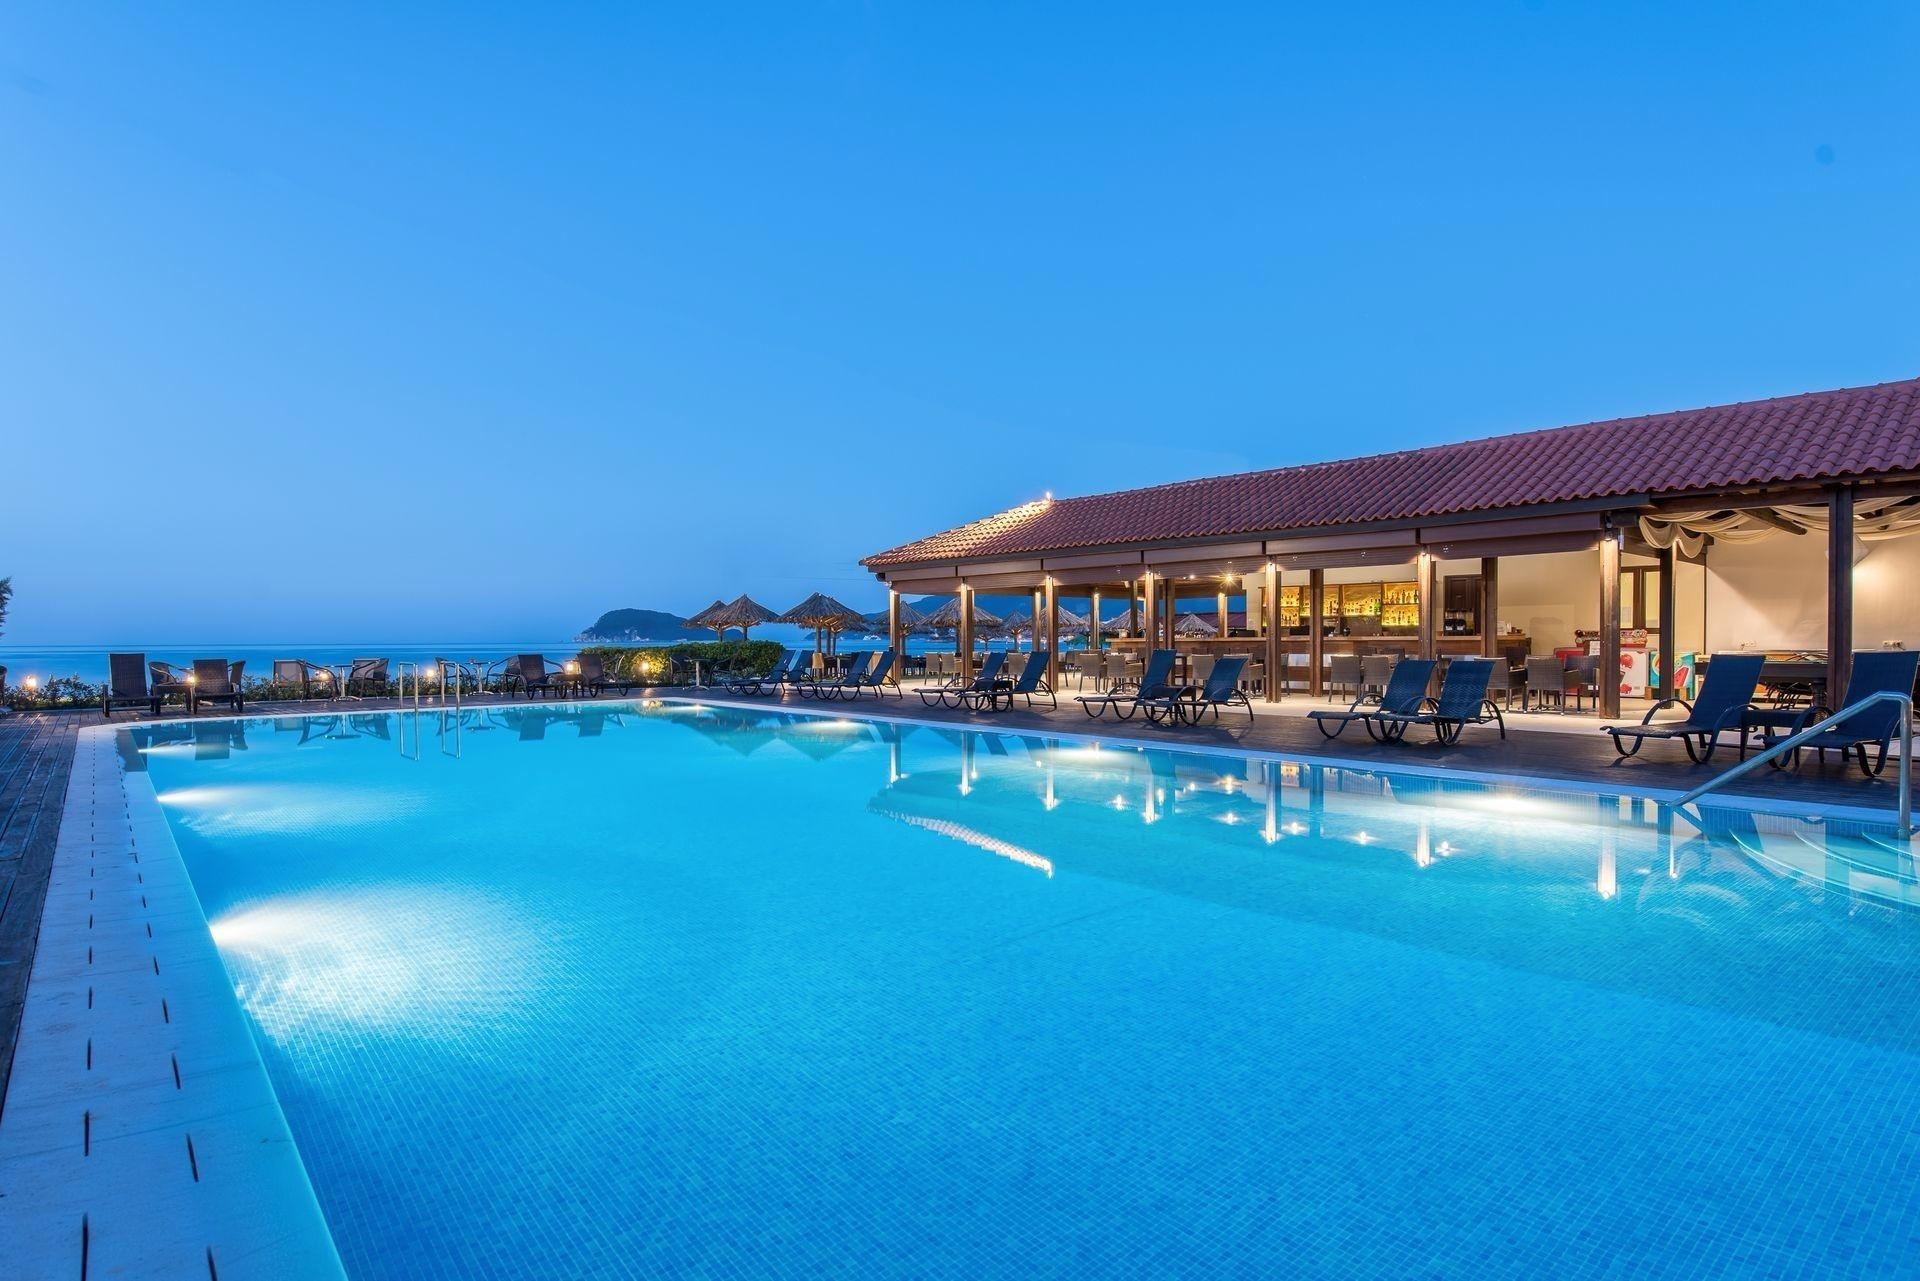 5* Galaxy Beach Resort - Ζάκυνθος, Λαγανάς ✦ -45% ✦